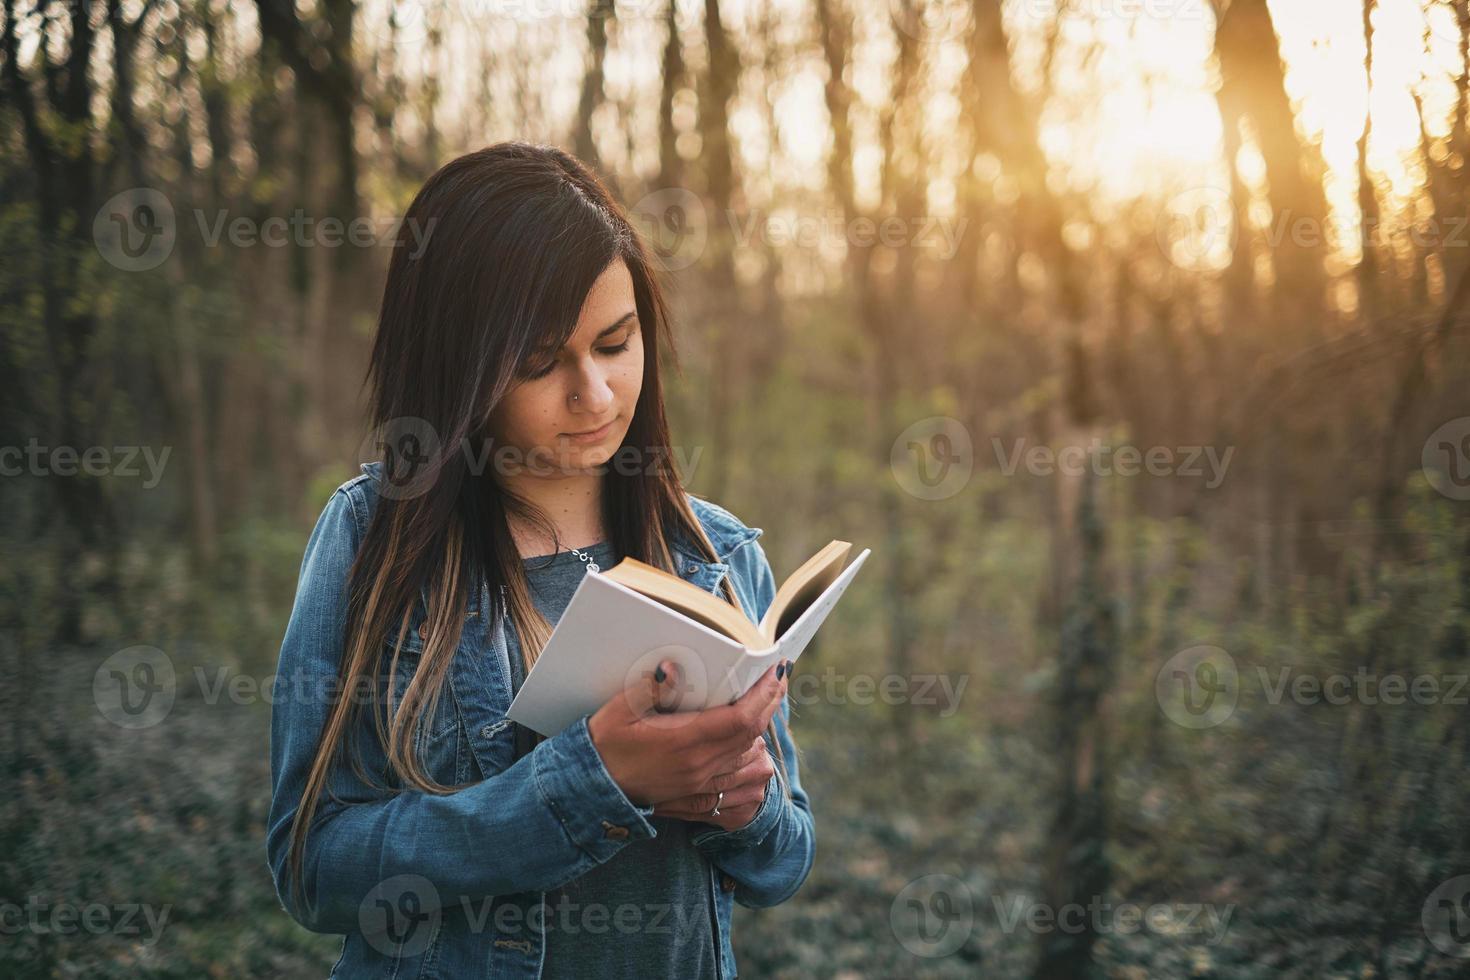 niña leyendo un libro en el bosque foto